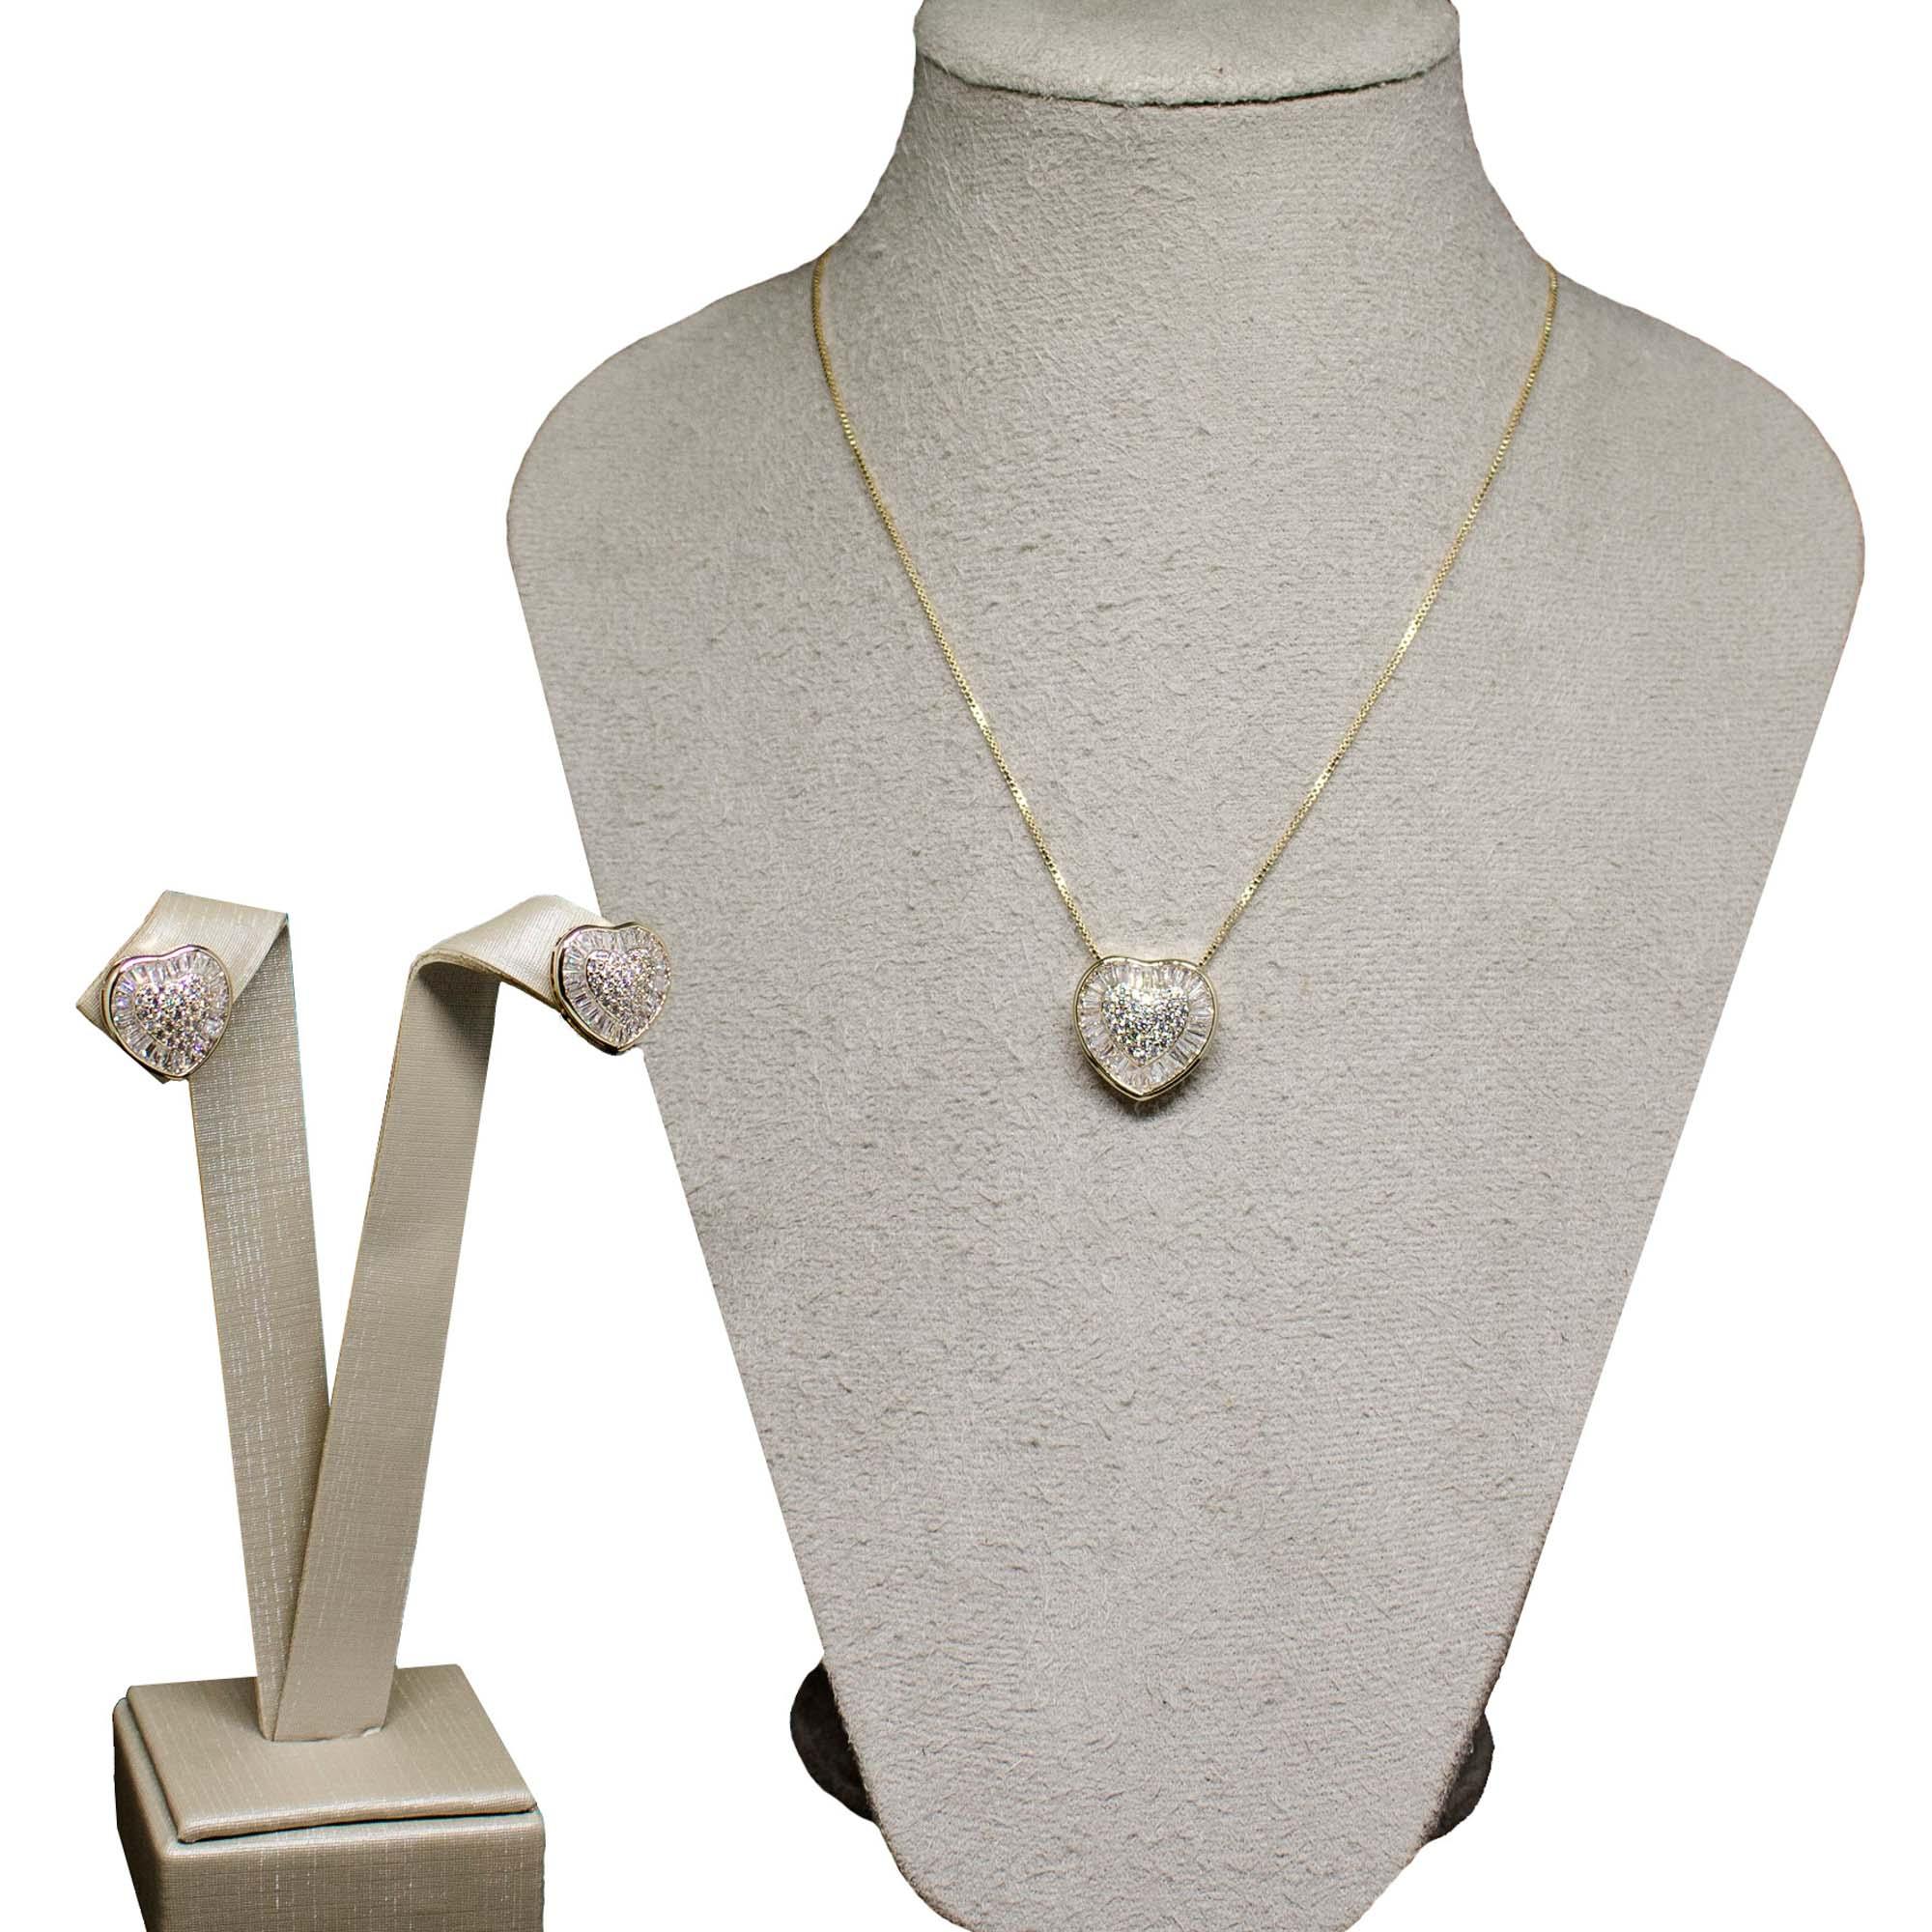 Conjunto Semi joia  coração de zircônia Baguettado banhado a ouro 18k ou rhodium